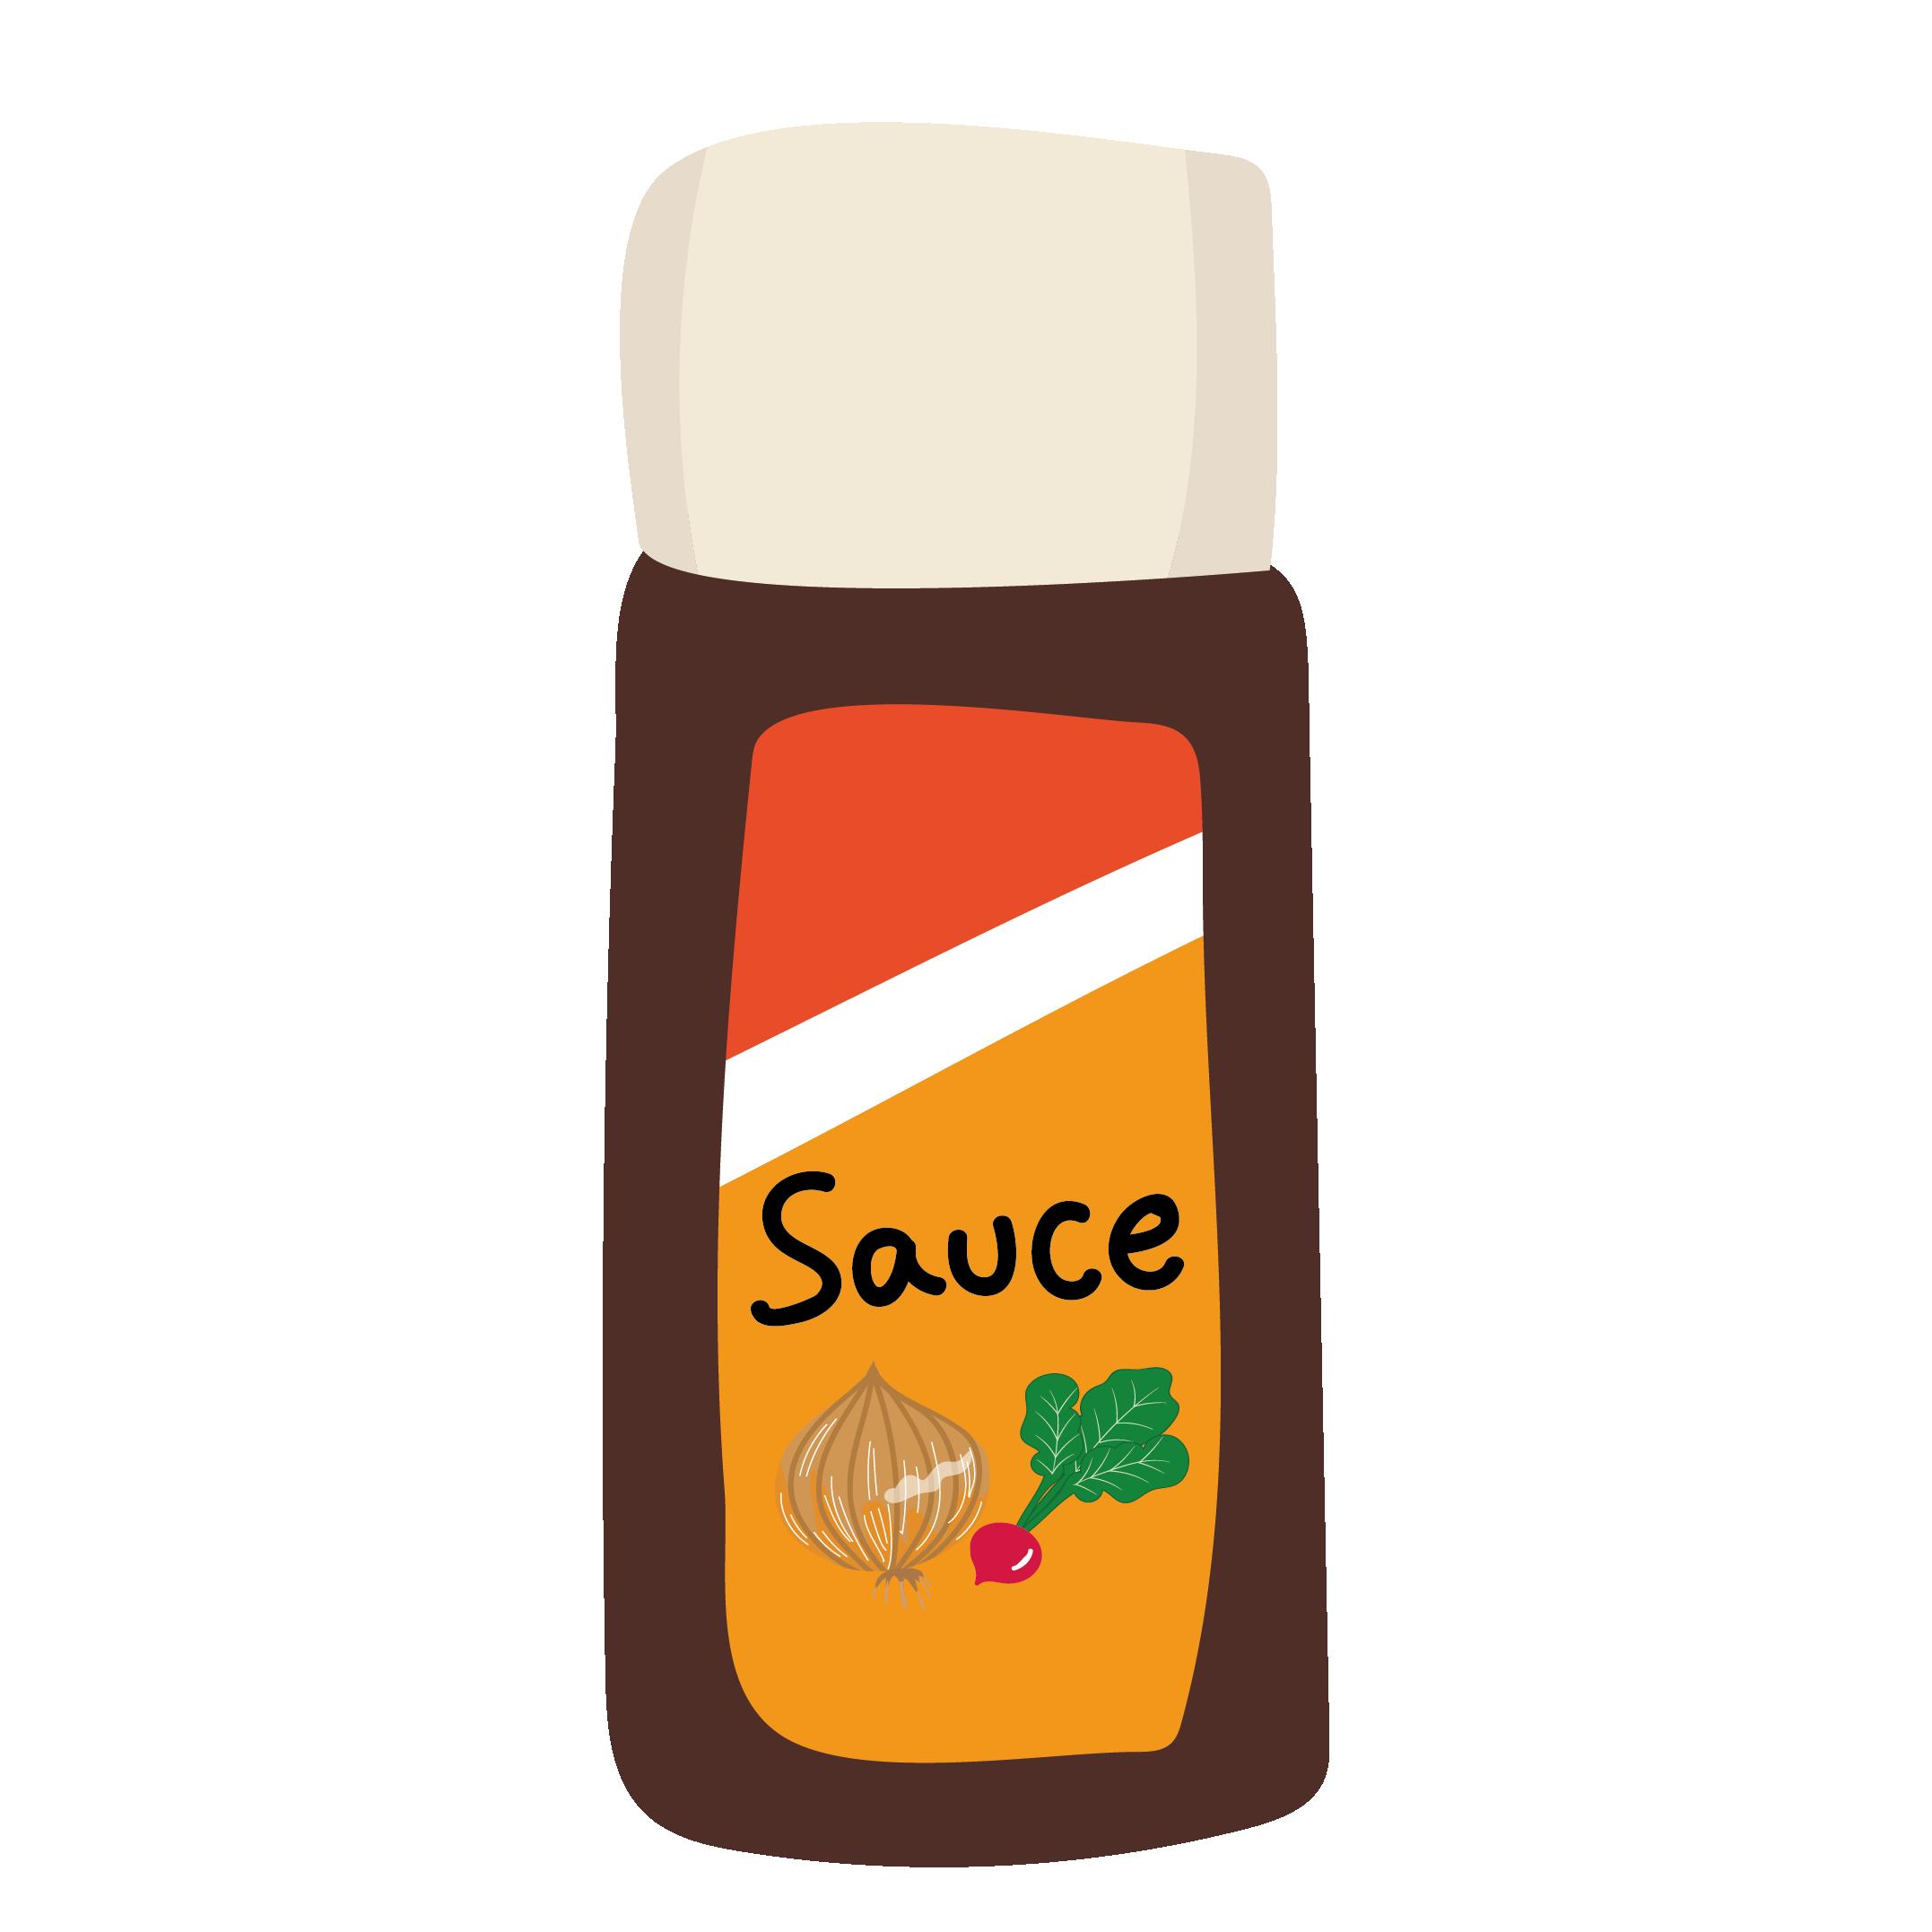 sauce-01.png